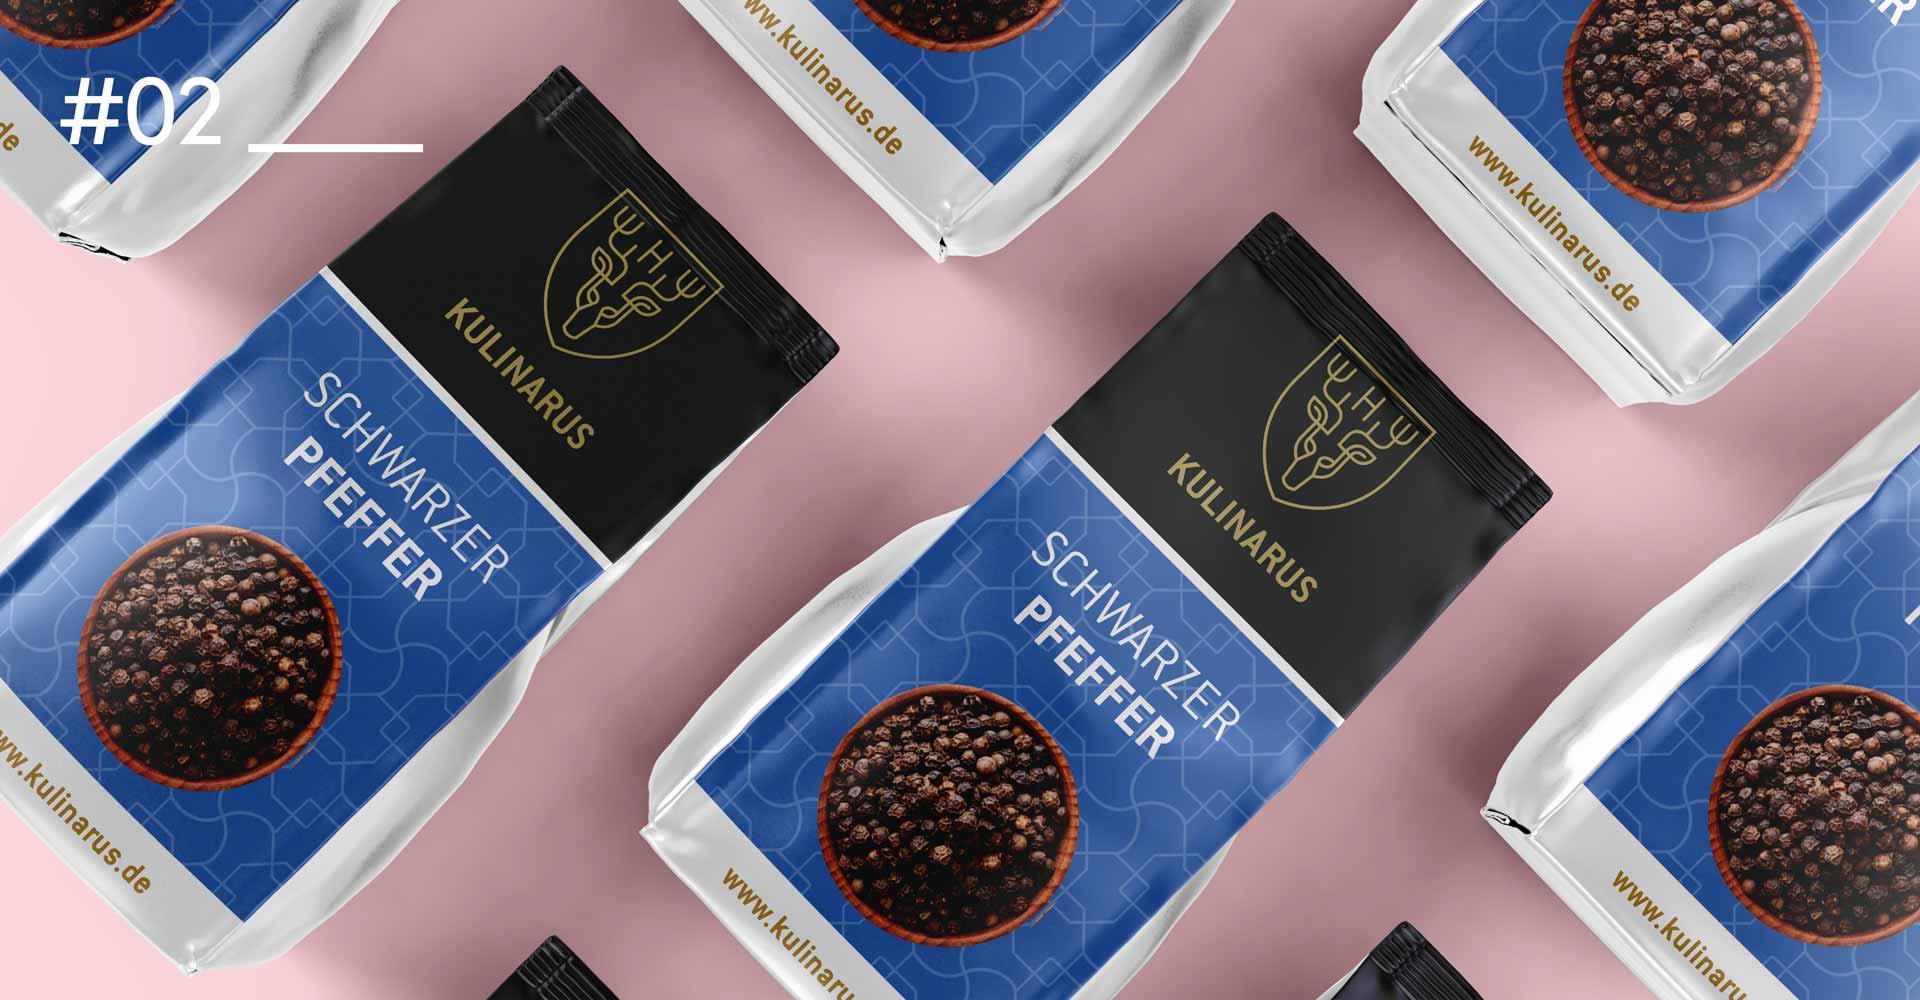 OPUS Marketing / Food & Beverage / Ernährungsmarketing Packaging